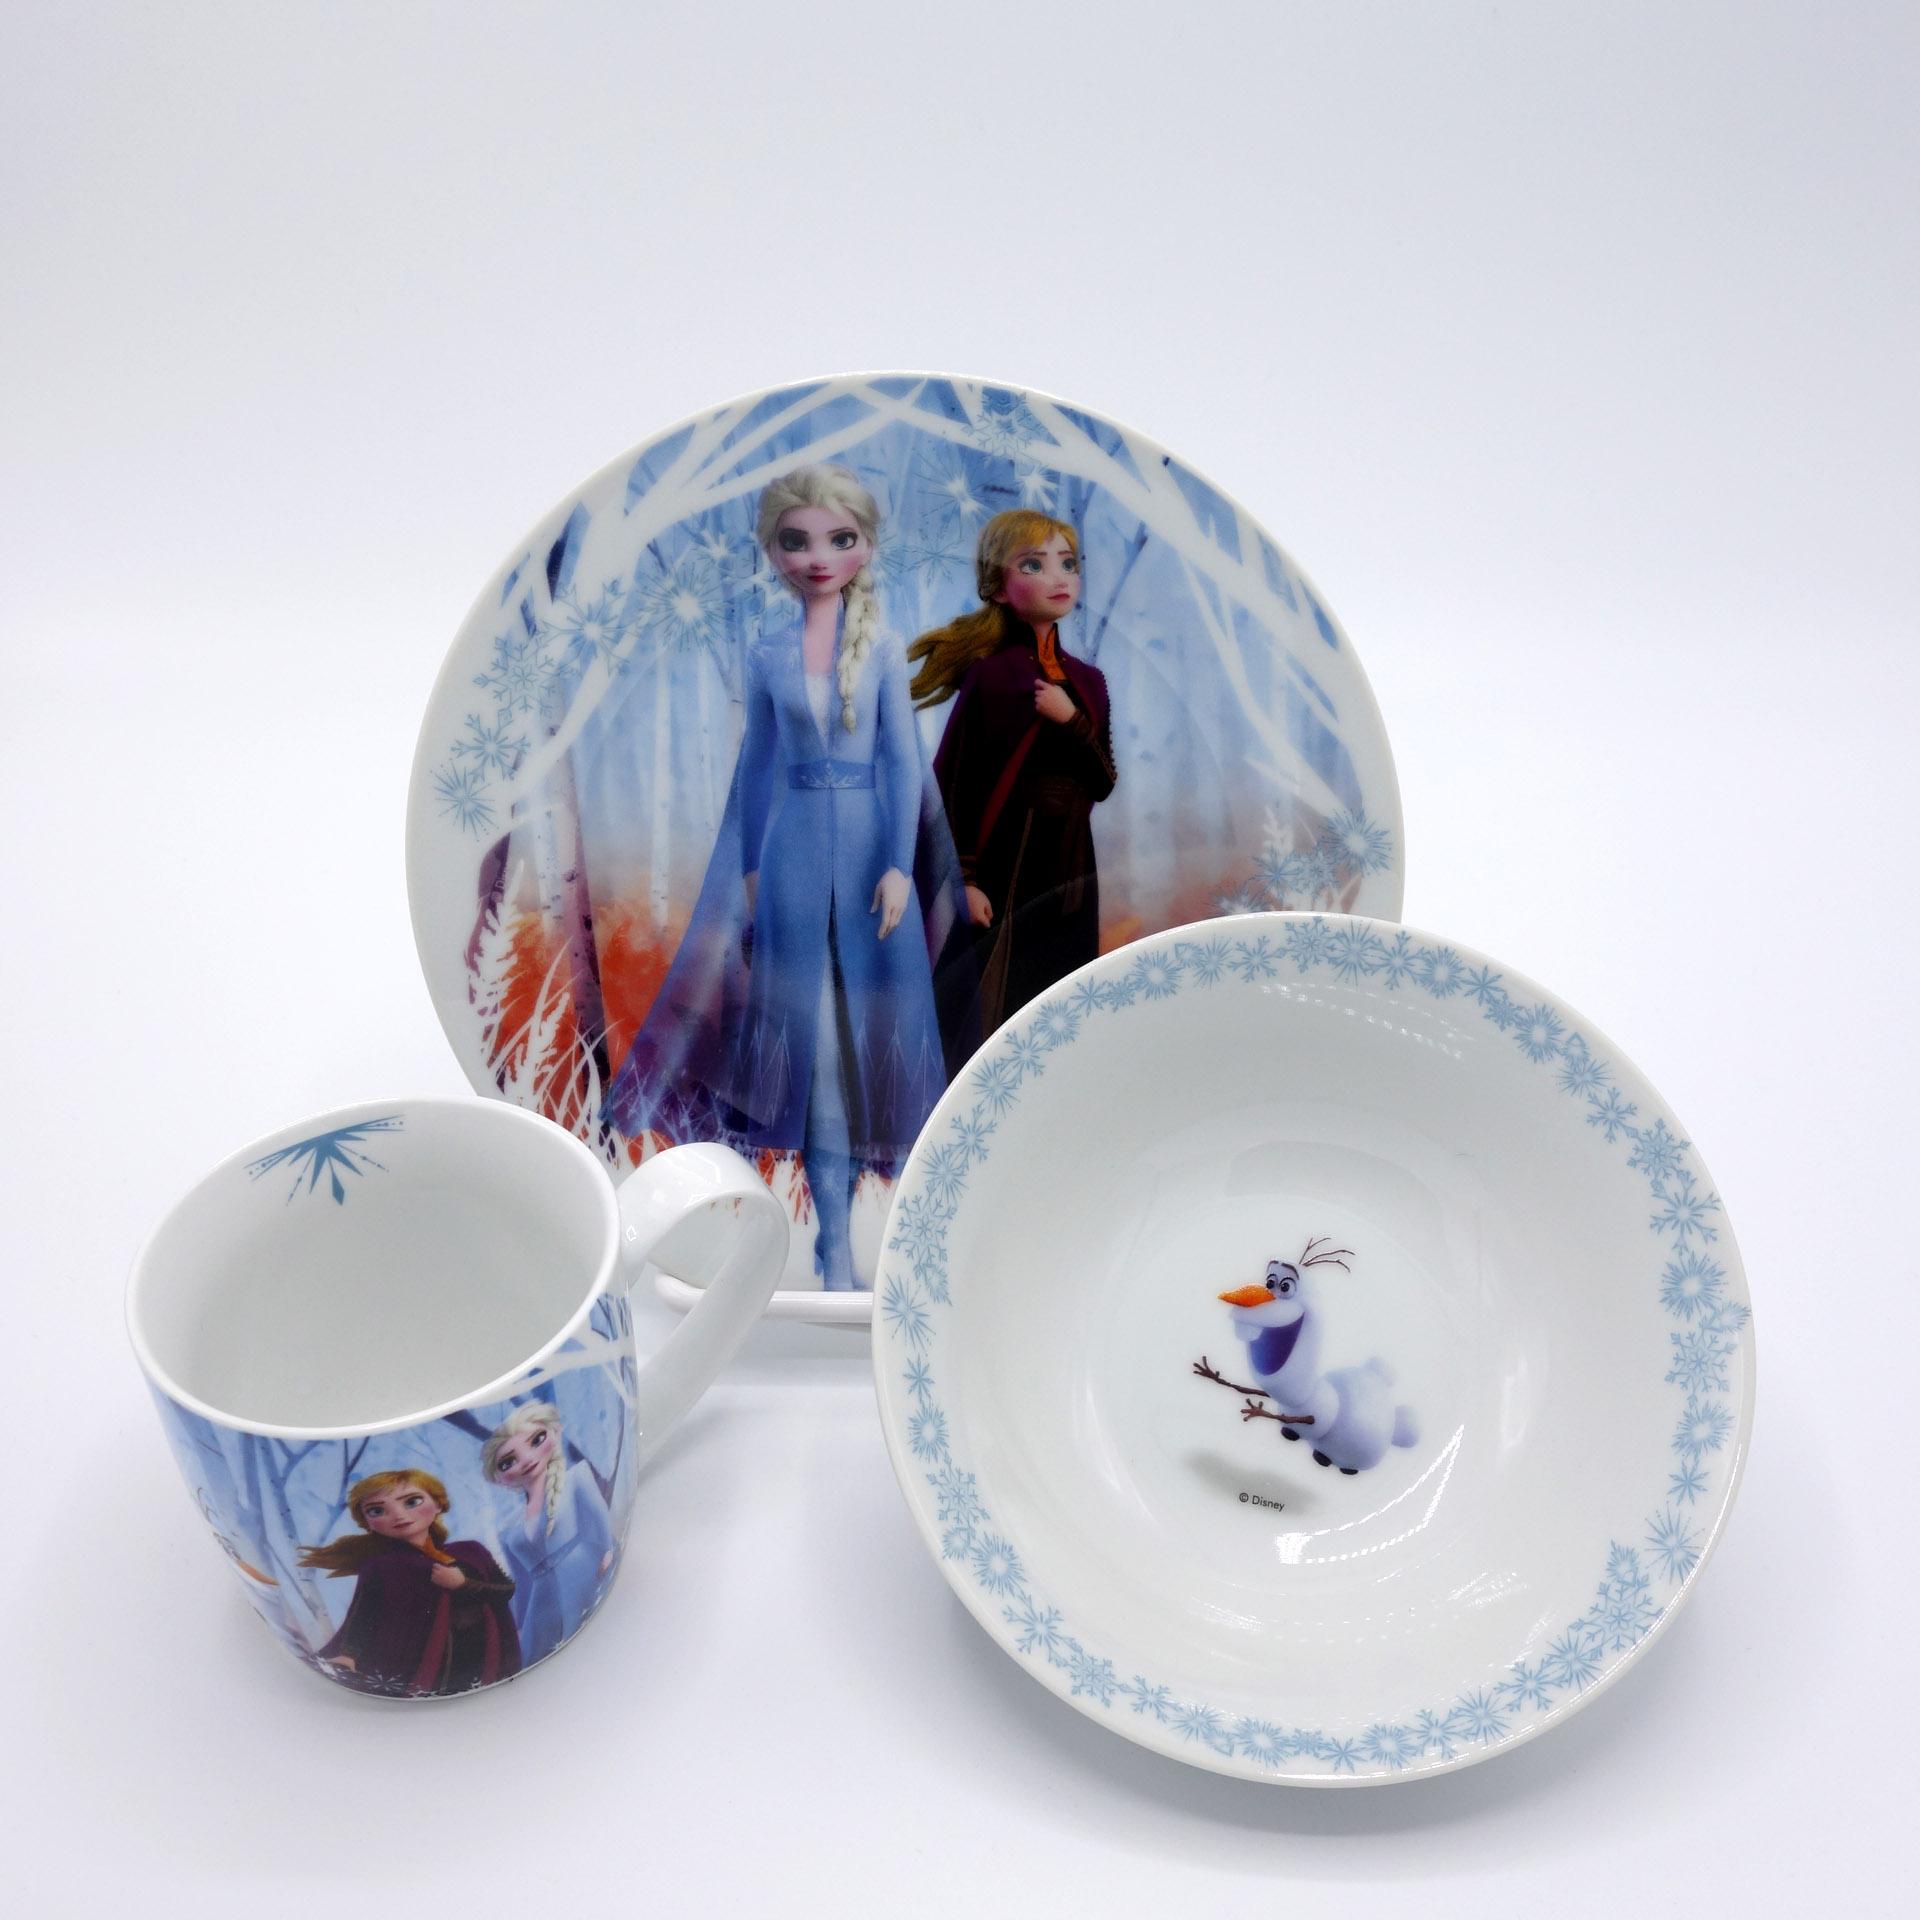 Disney Frozen Die Eiskönigin Kinder Frühstücksset 3teilig